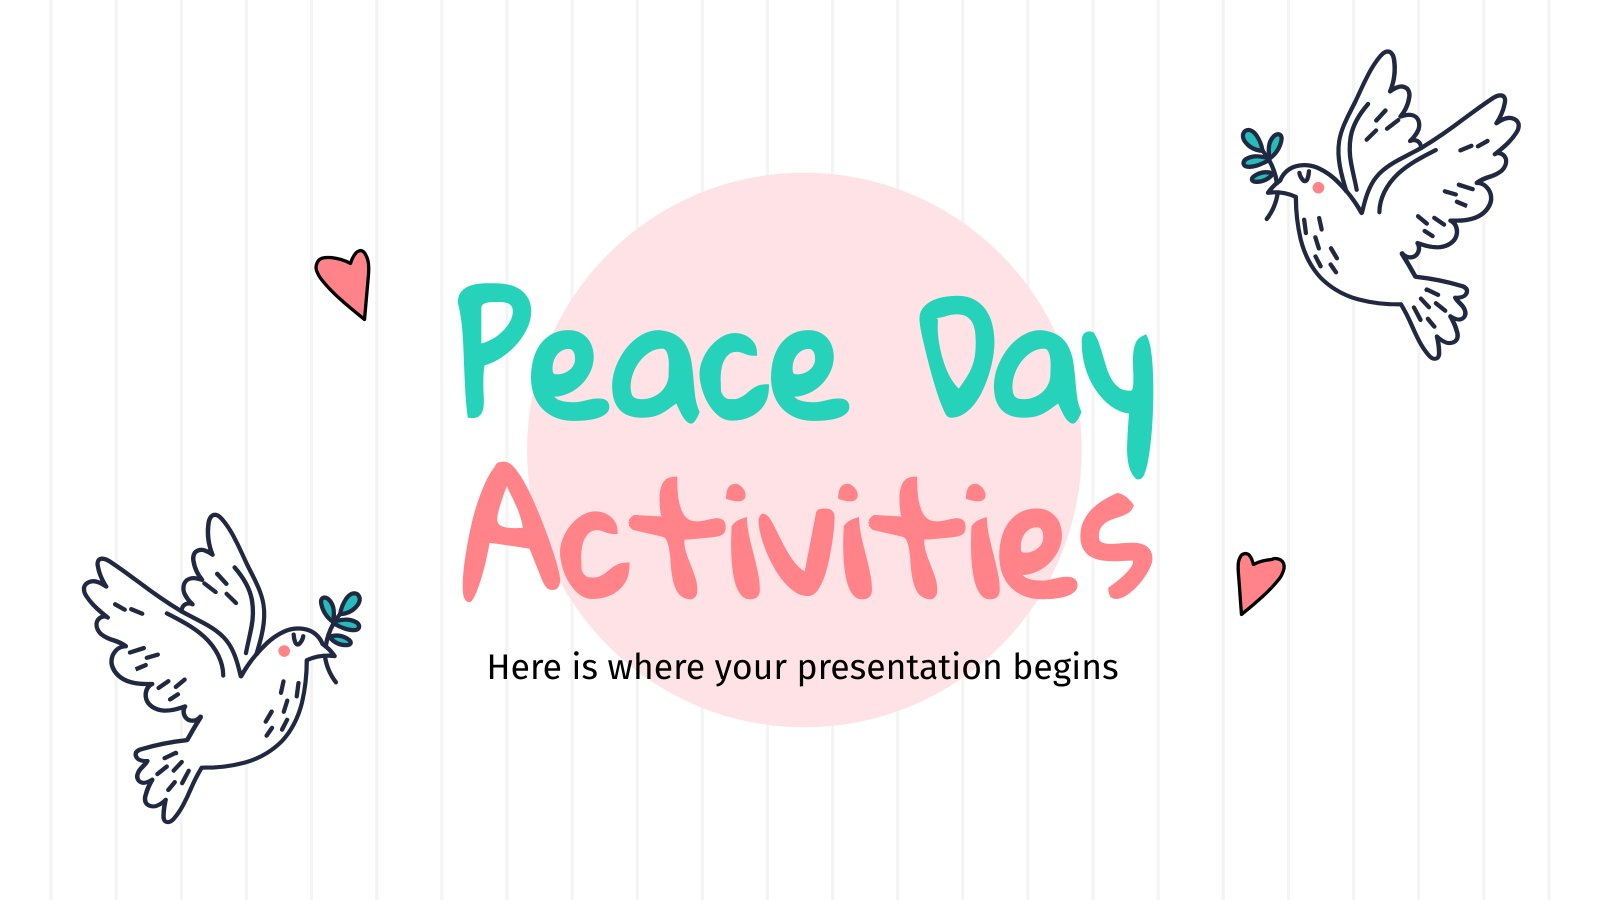 Activités de la Journée de la paix : Modèles de présentation